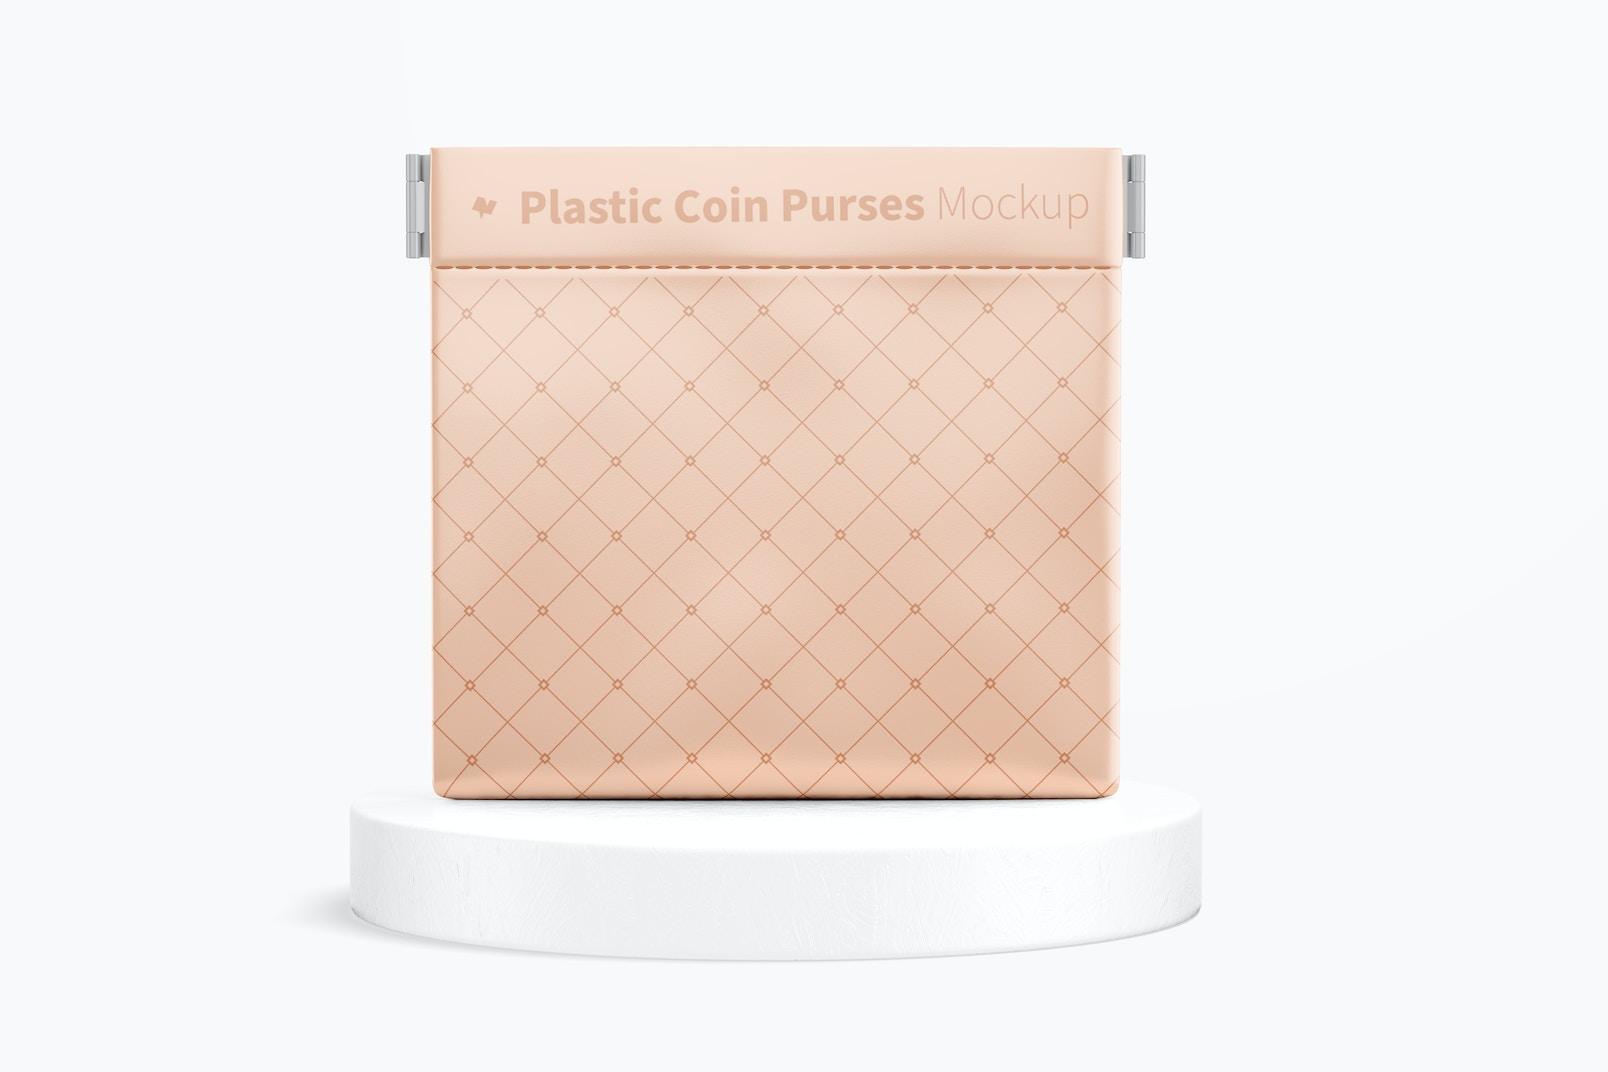 Maqueta de Monedero Plástico, Vista Frontal